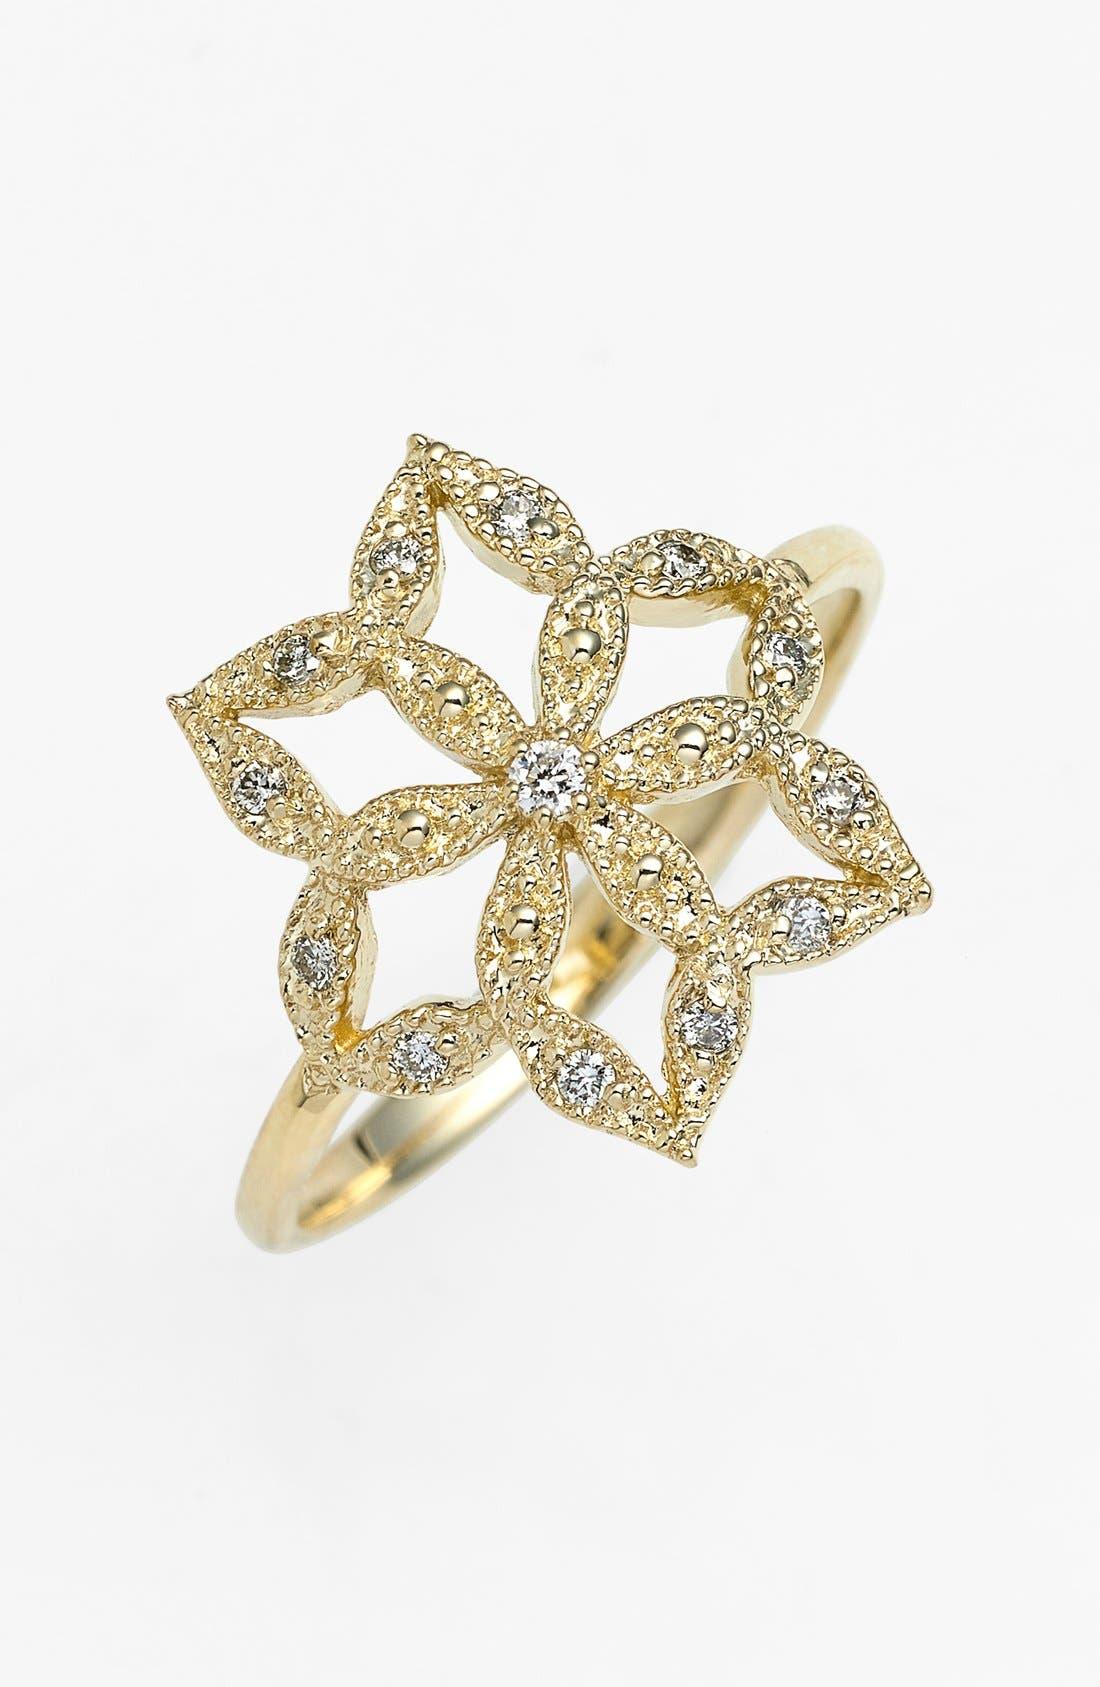 Main Image - Mizuki 'Sea of Beauty' Diamond Flower Cocktail Ring